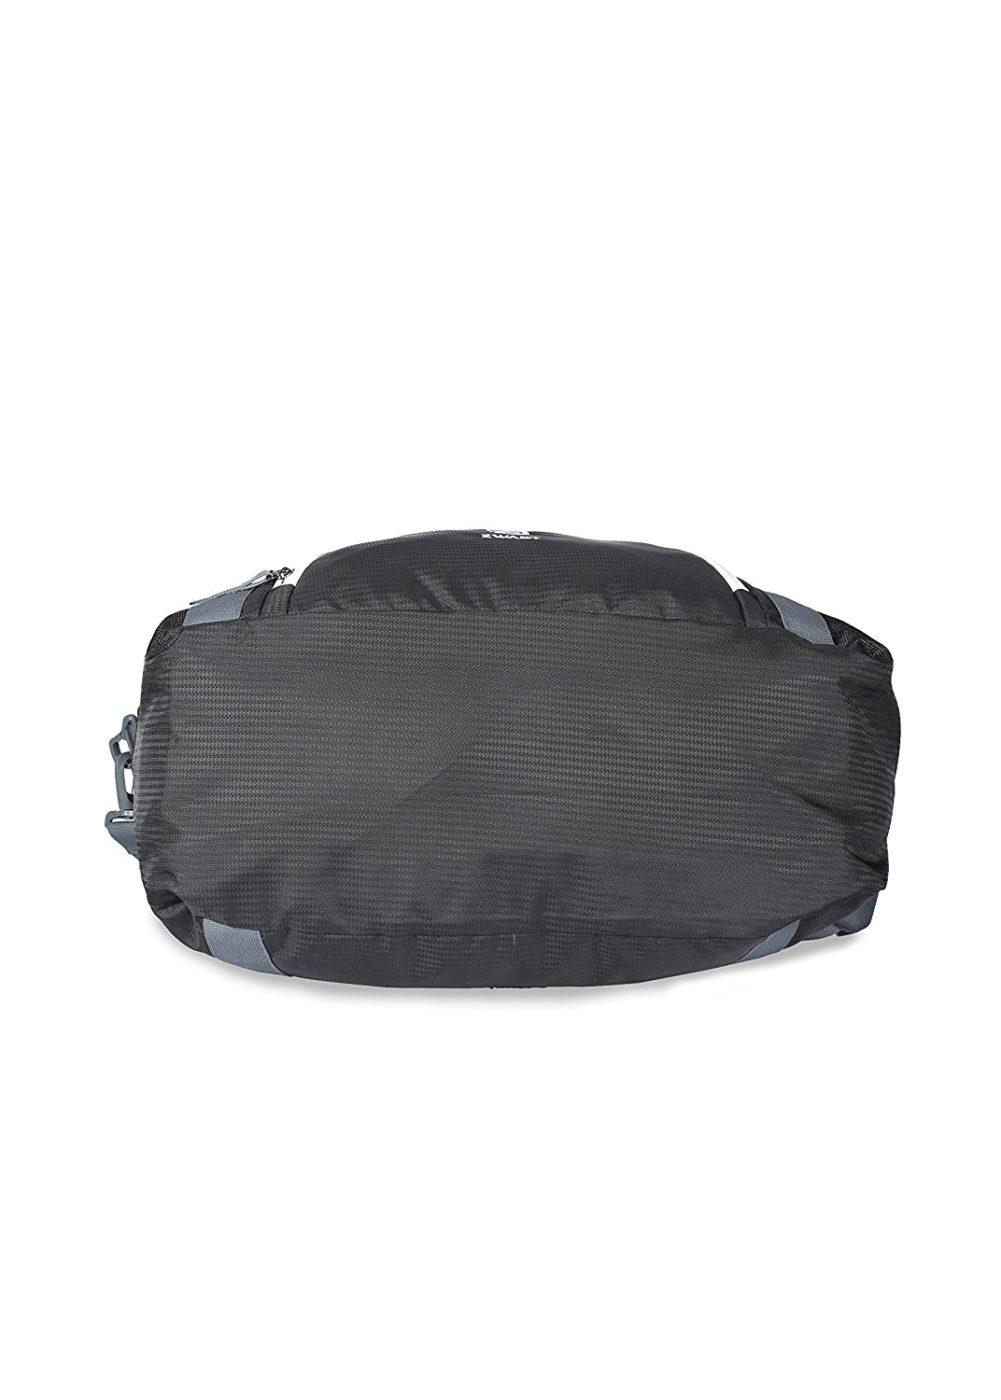 d1340a7e54 Zwart TOUREZ Black and Grey 30L Duffel Gym Bag – Zwart